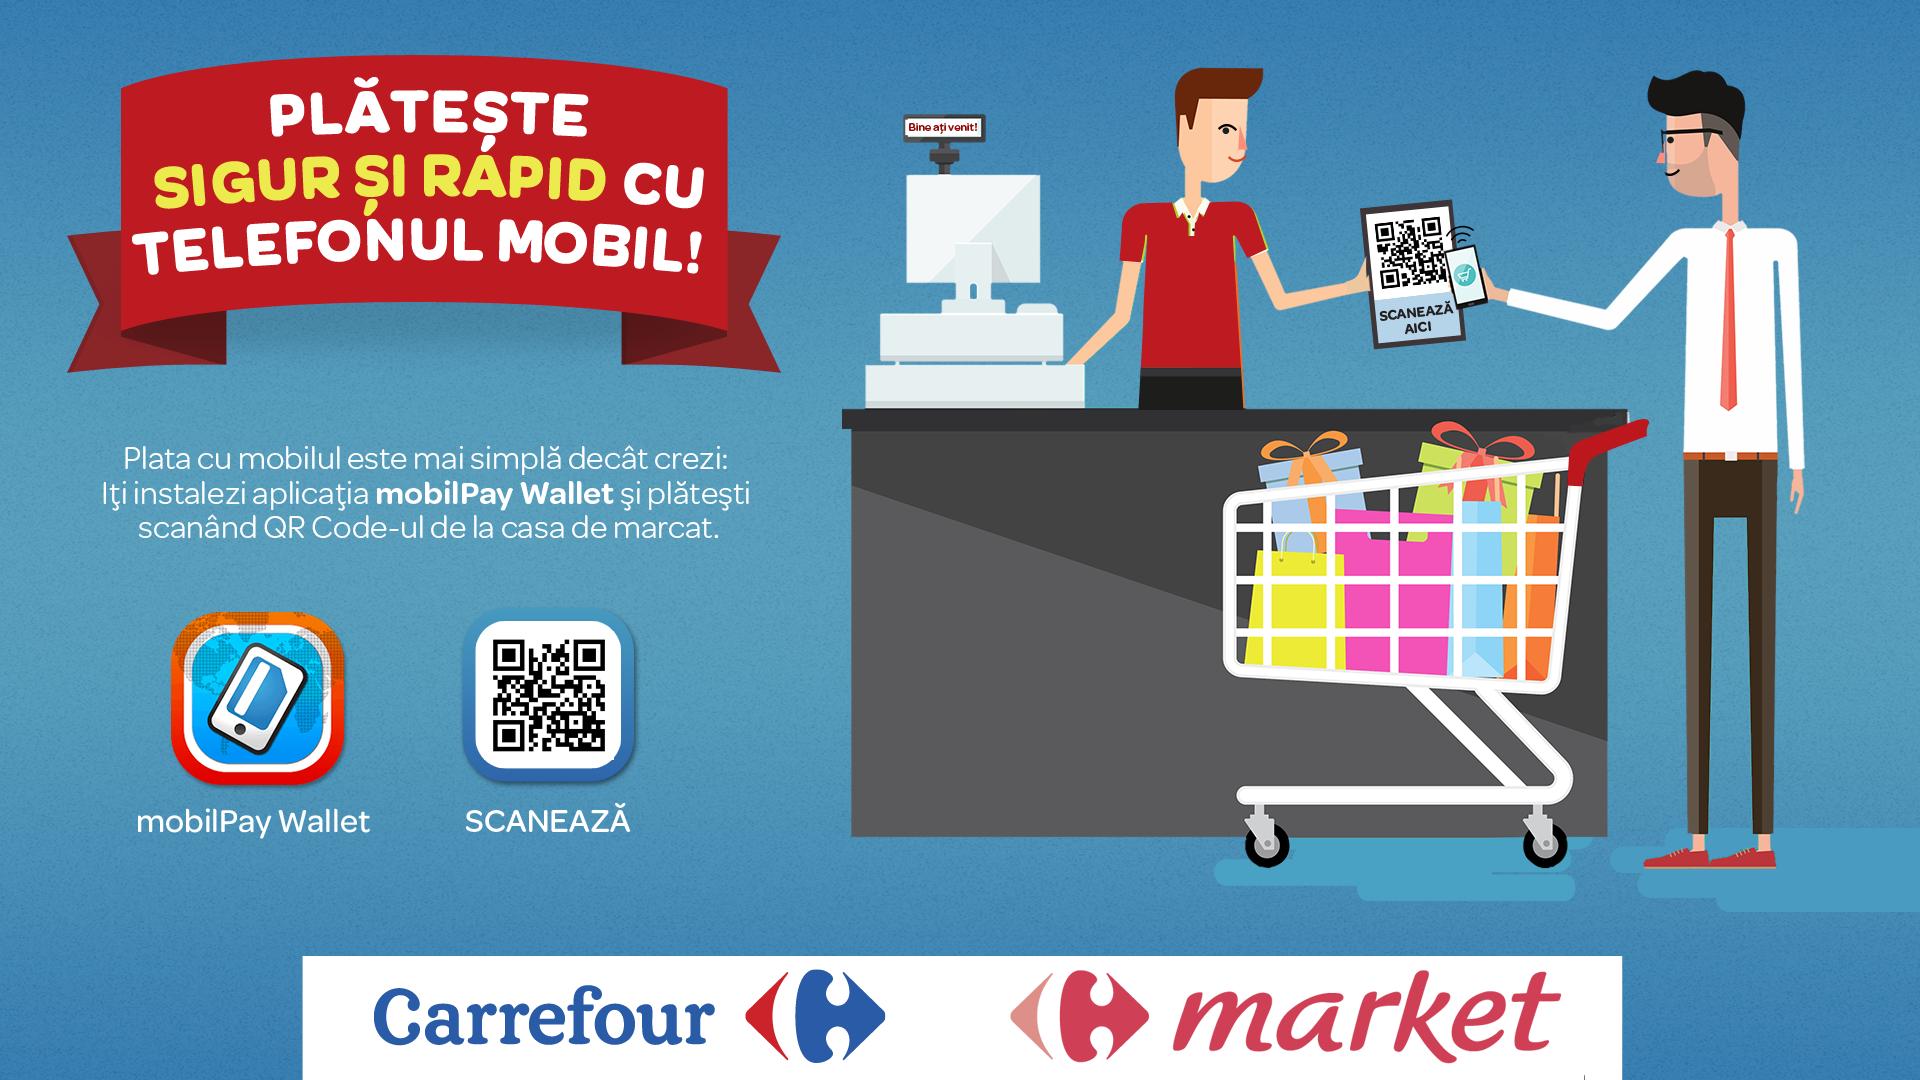 Acum poti plati la Carrefour direct cu telefonul mobil, prin aplicatia mobilPay Wallet